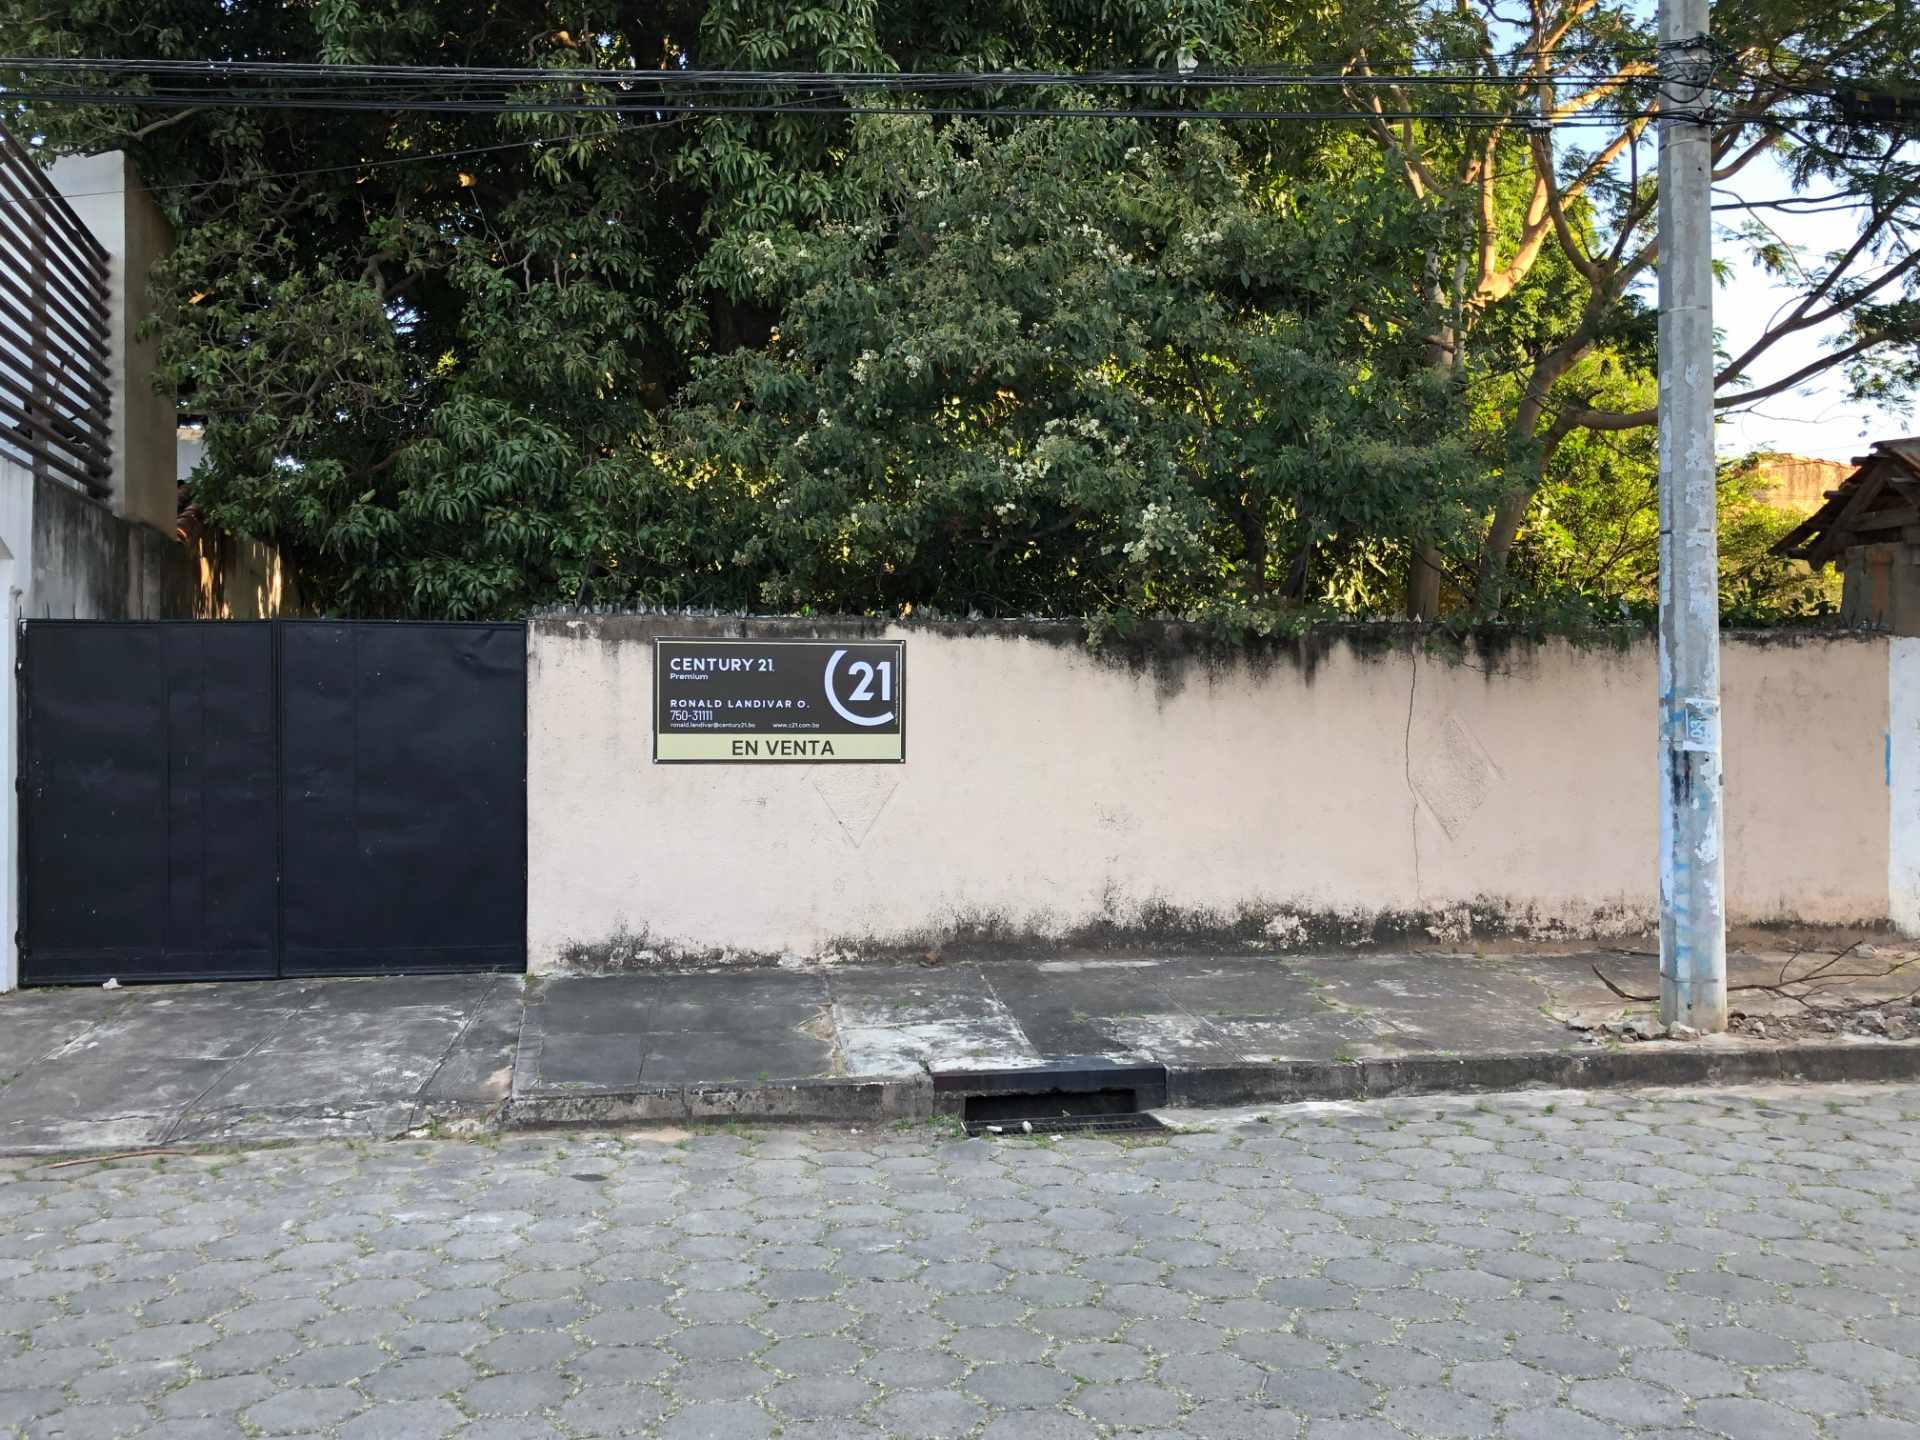 Terreno en Venta Calle El Fuerte s/n, zona barrio Los Choferes (al lado del Hostal Jodanga) Foto 1